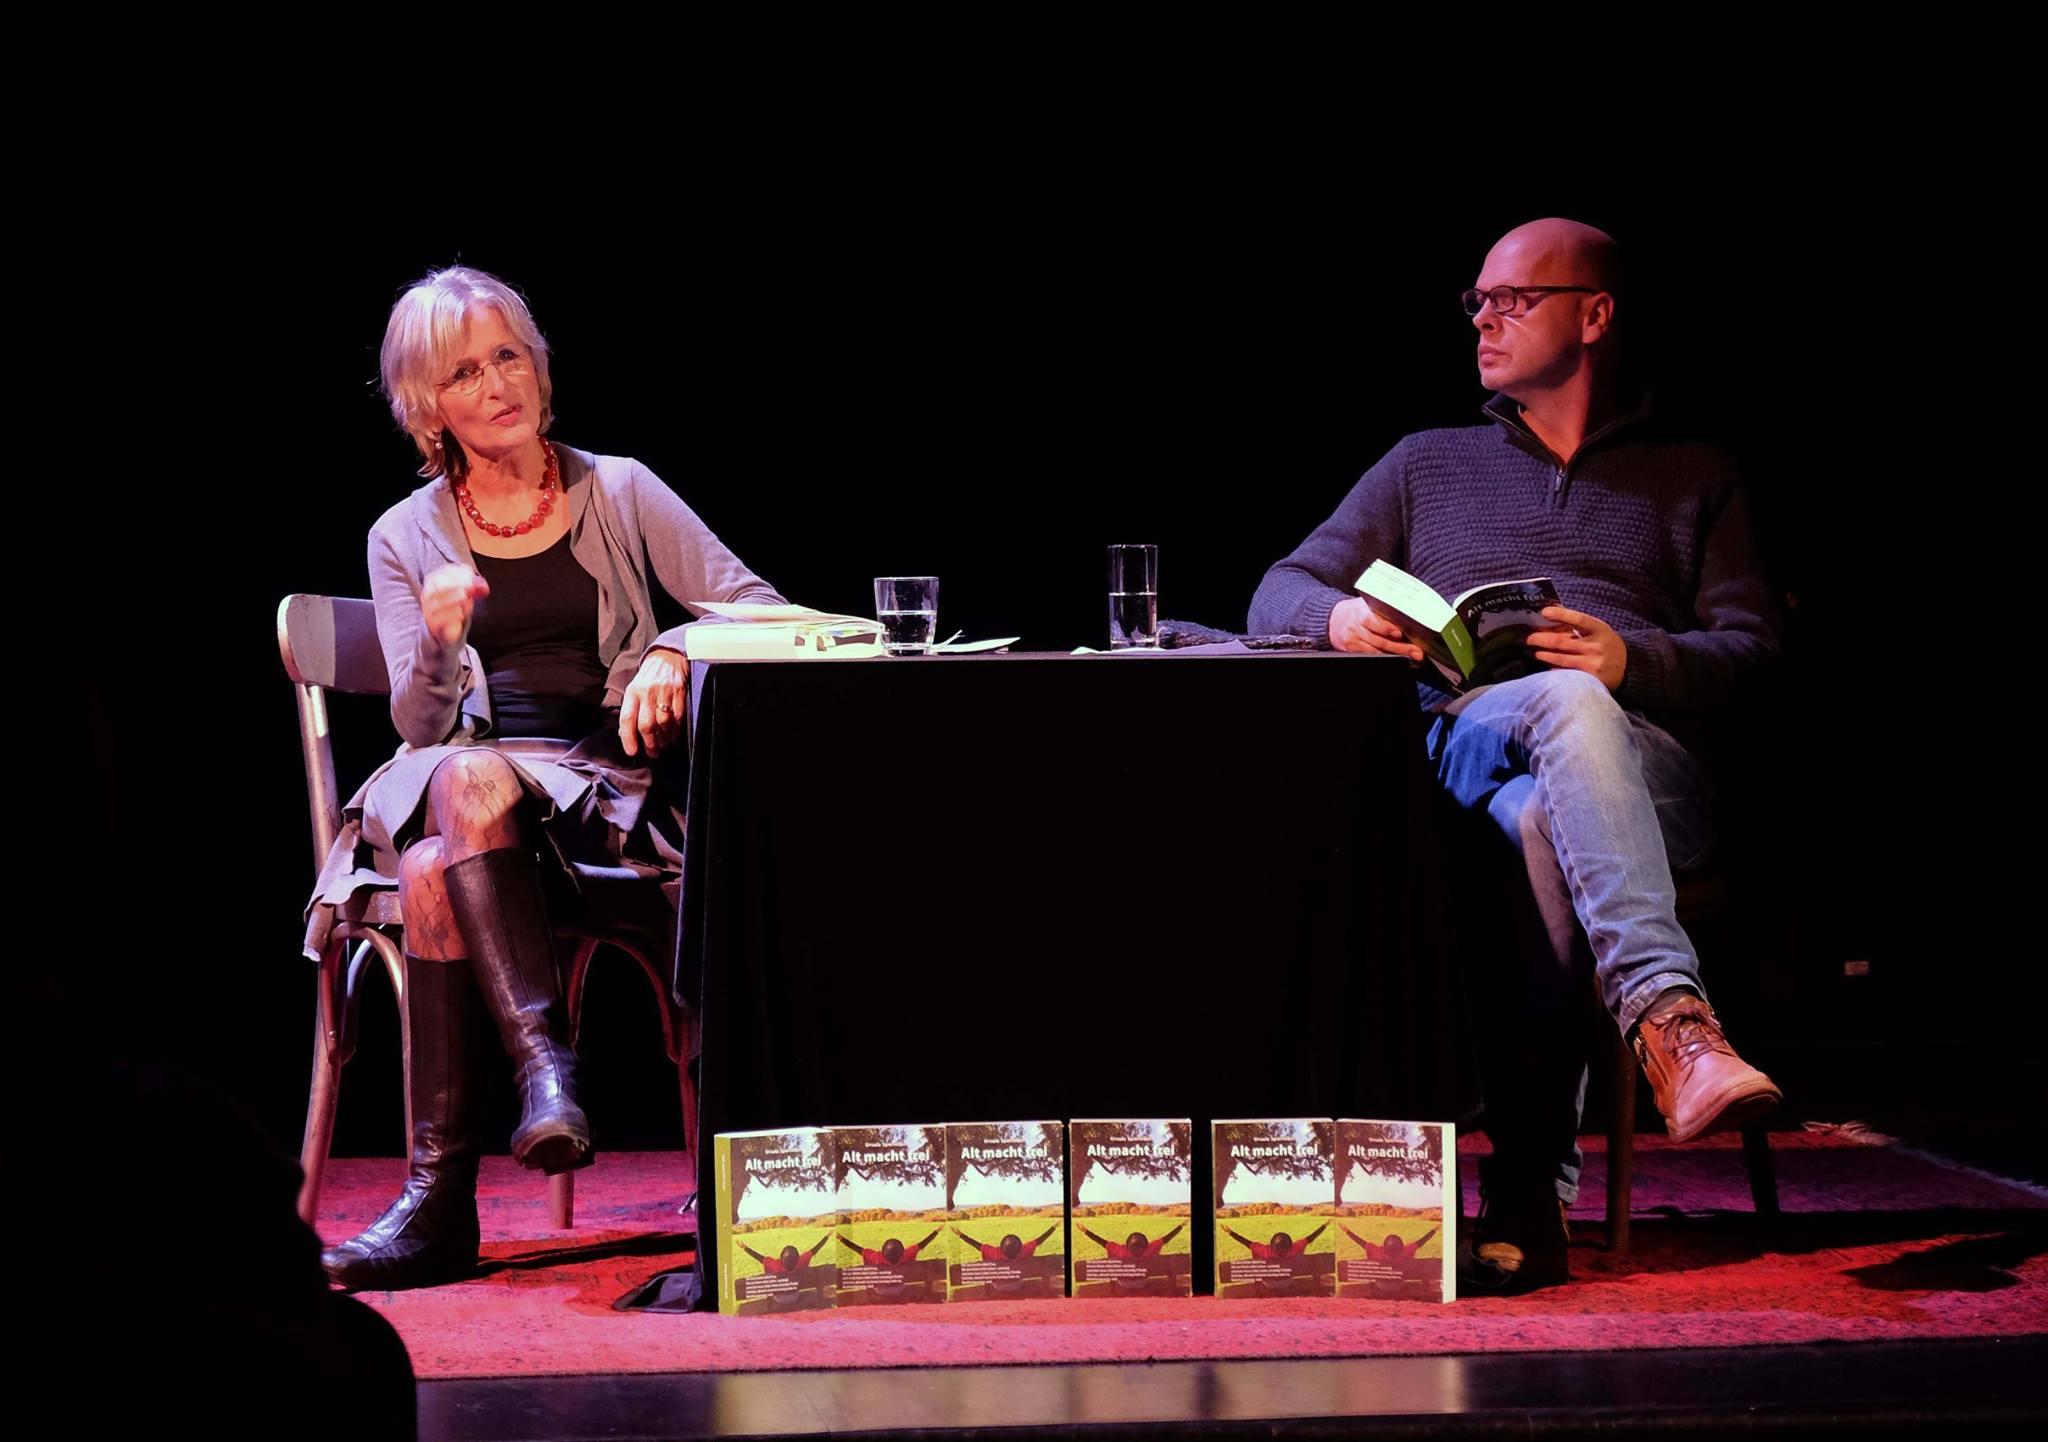 """Das Bild zeigt die Autorin Ursula Sporleder und den Schauspieler Markus Kiefer bei der Lesung """"Alte Menschen, neue Liebe"""" im ZEITMAULtheater Bochum."""